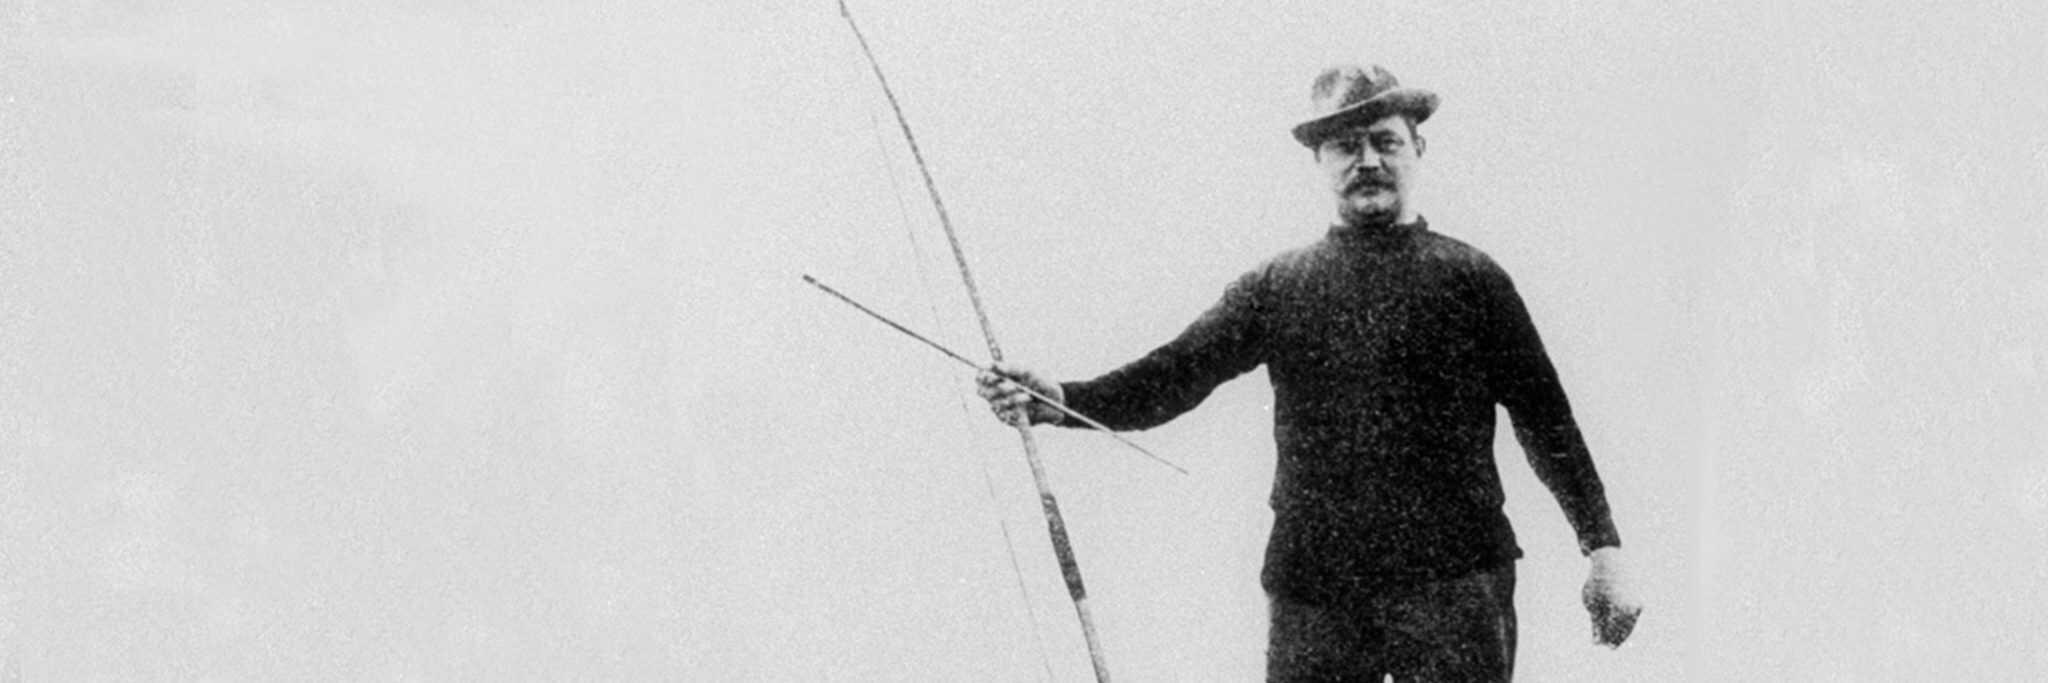 A legsikeresebb olimpiai íjász a belga Hubert Van Innis volt: hat aranyérmet nyert 1900 és 1920 között